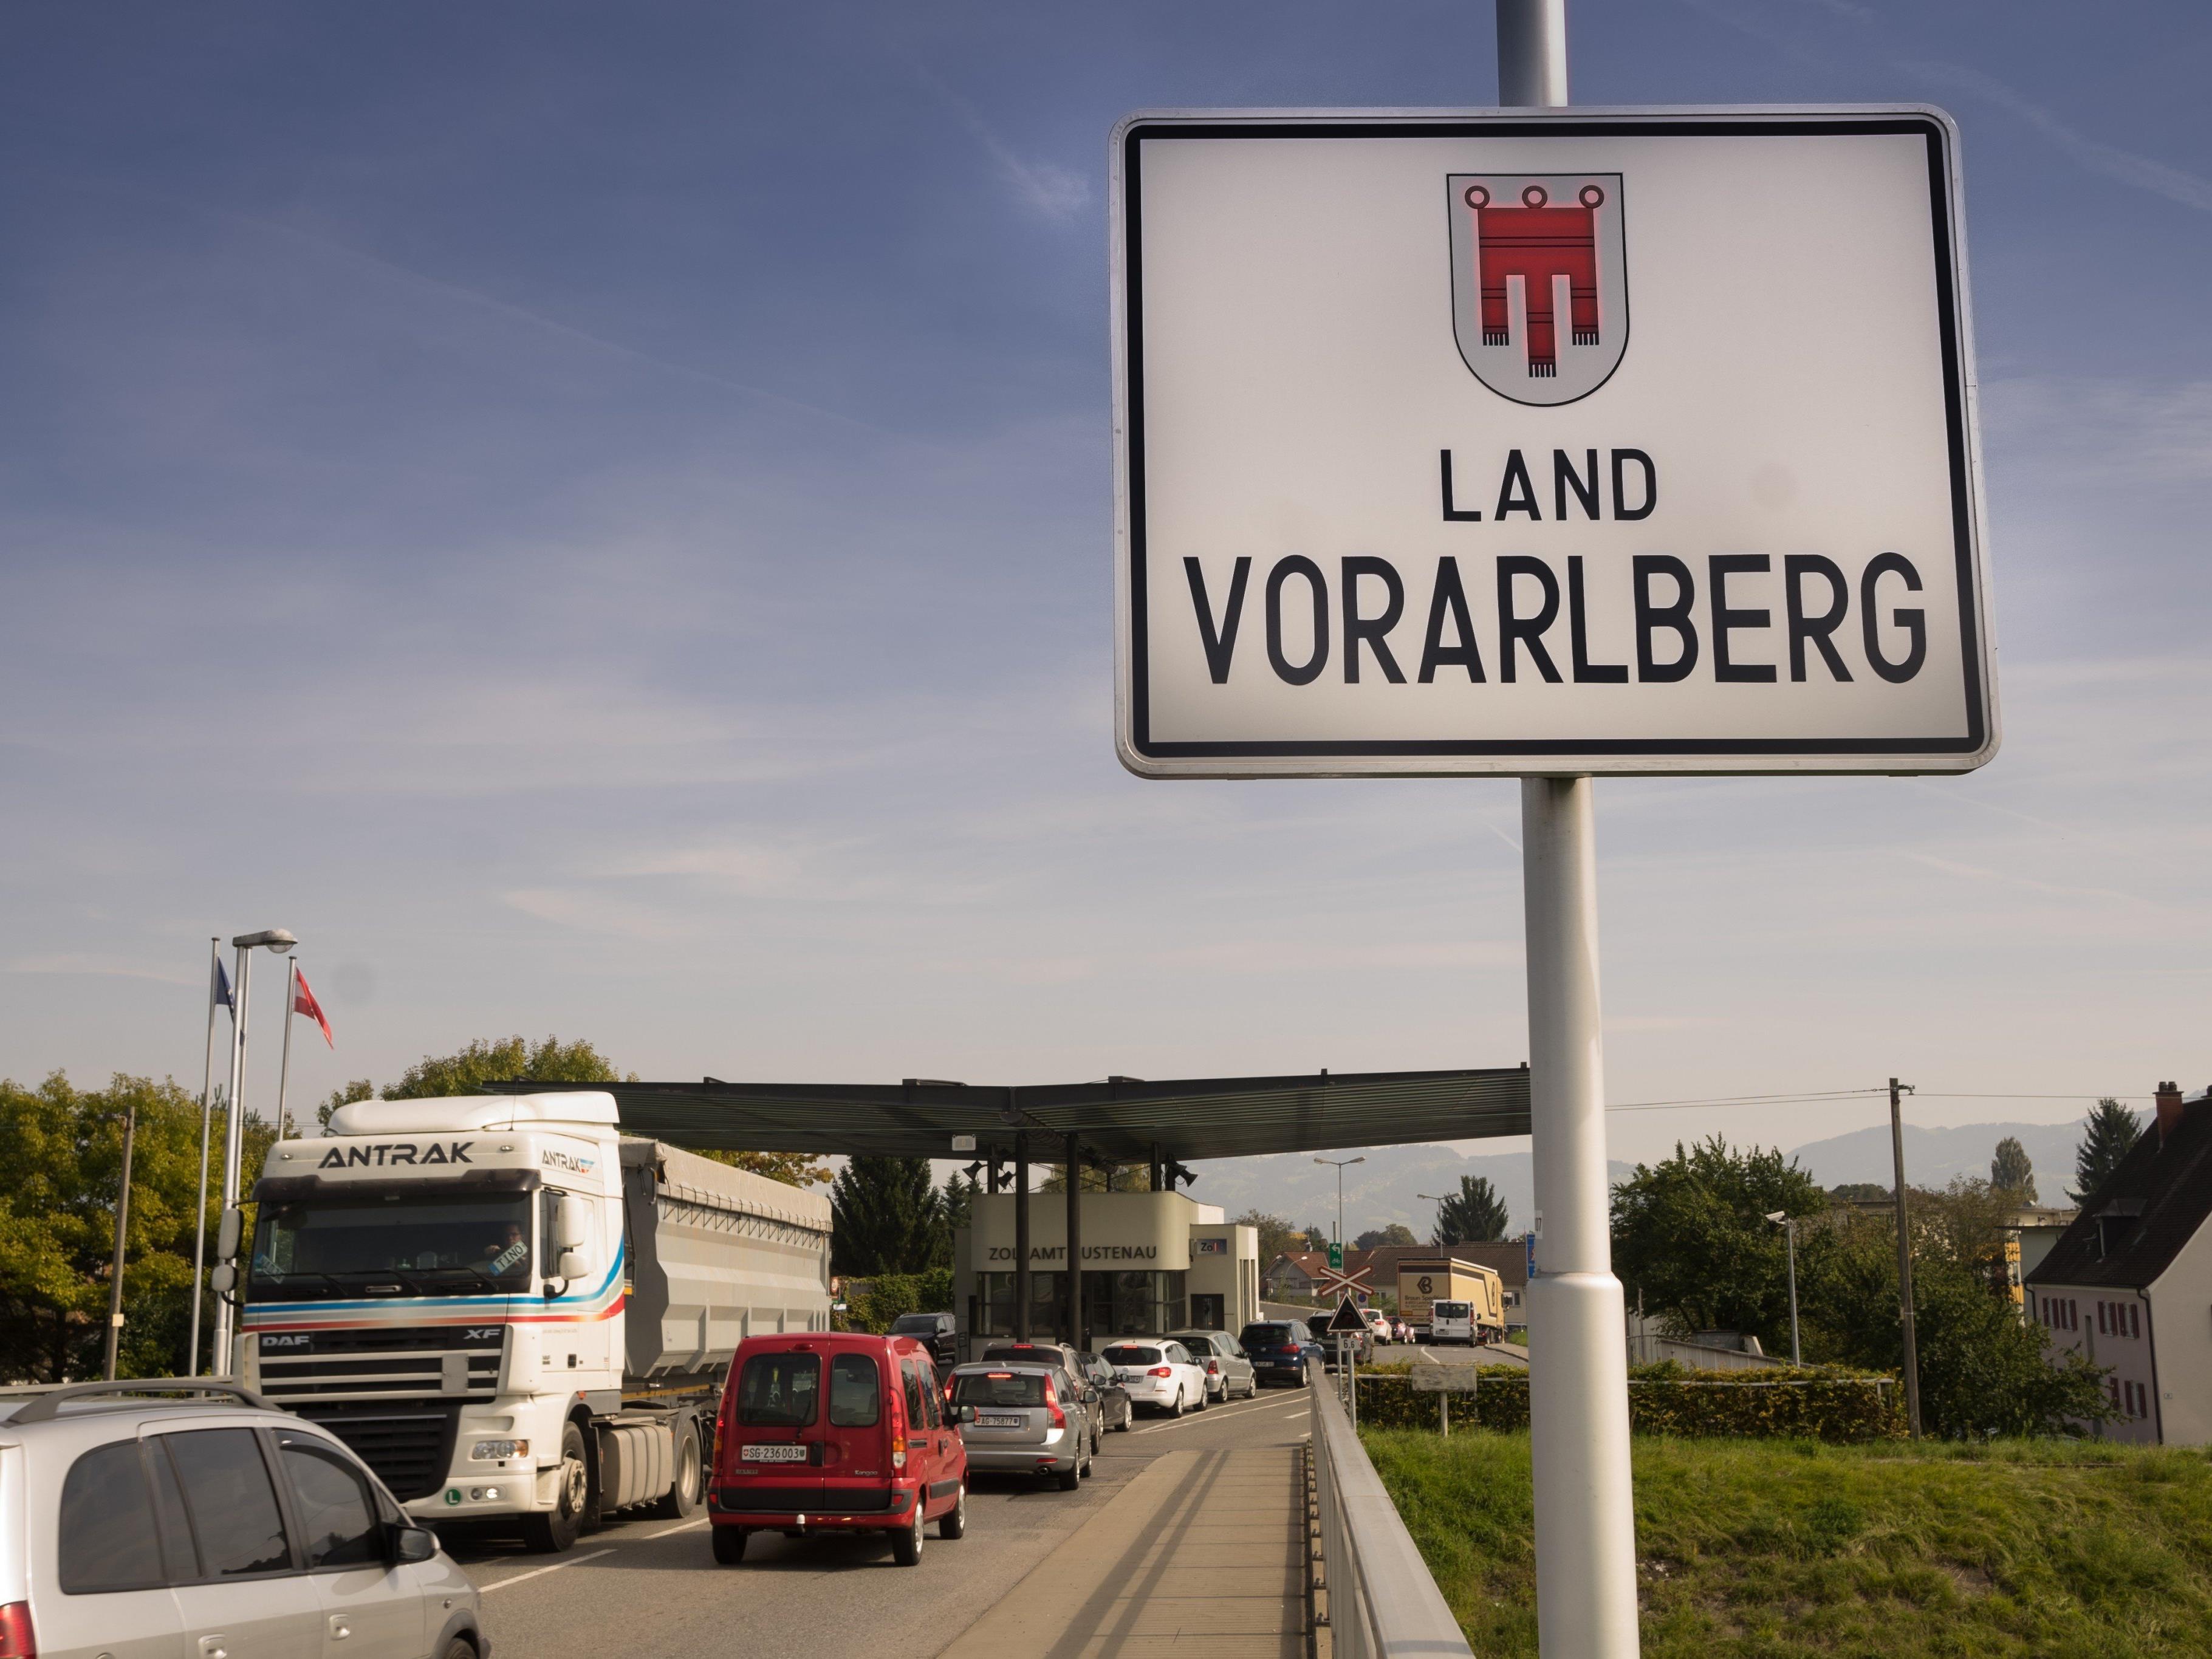 Einer 30-jährigen Frau wird vorgeworfen, große Mengen Kokain und Heroin nach Vorarlberg geschmuggelt zu haben.